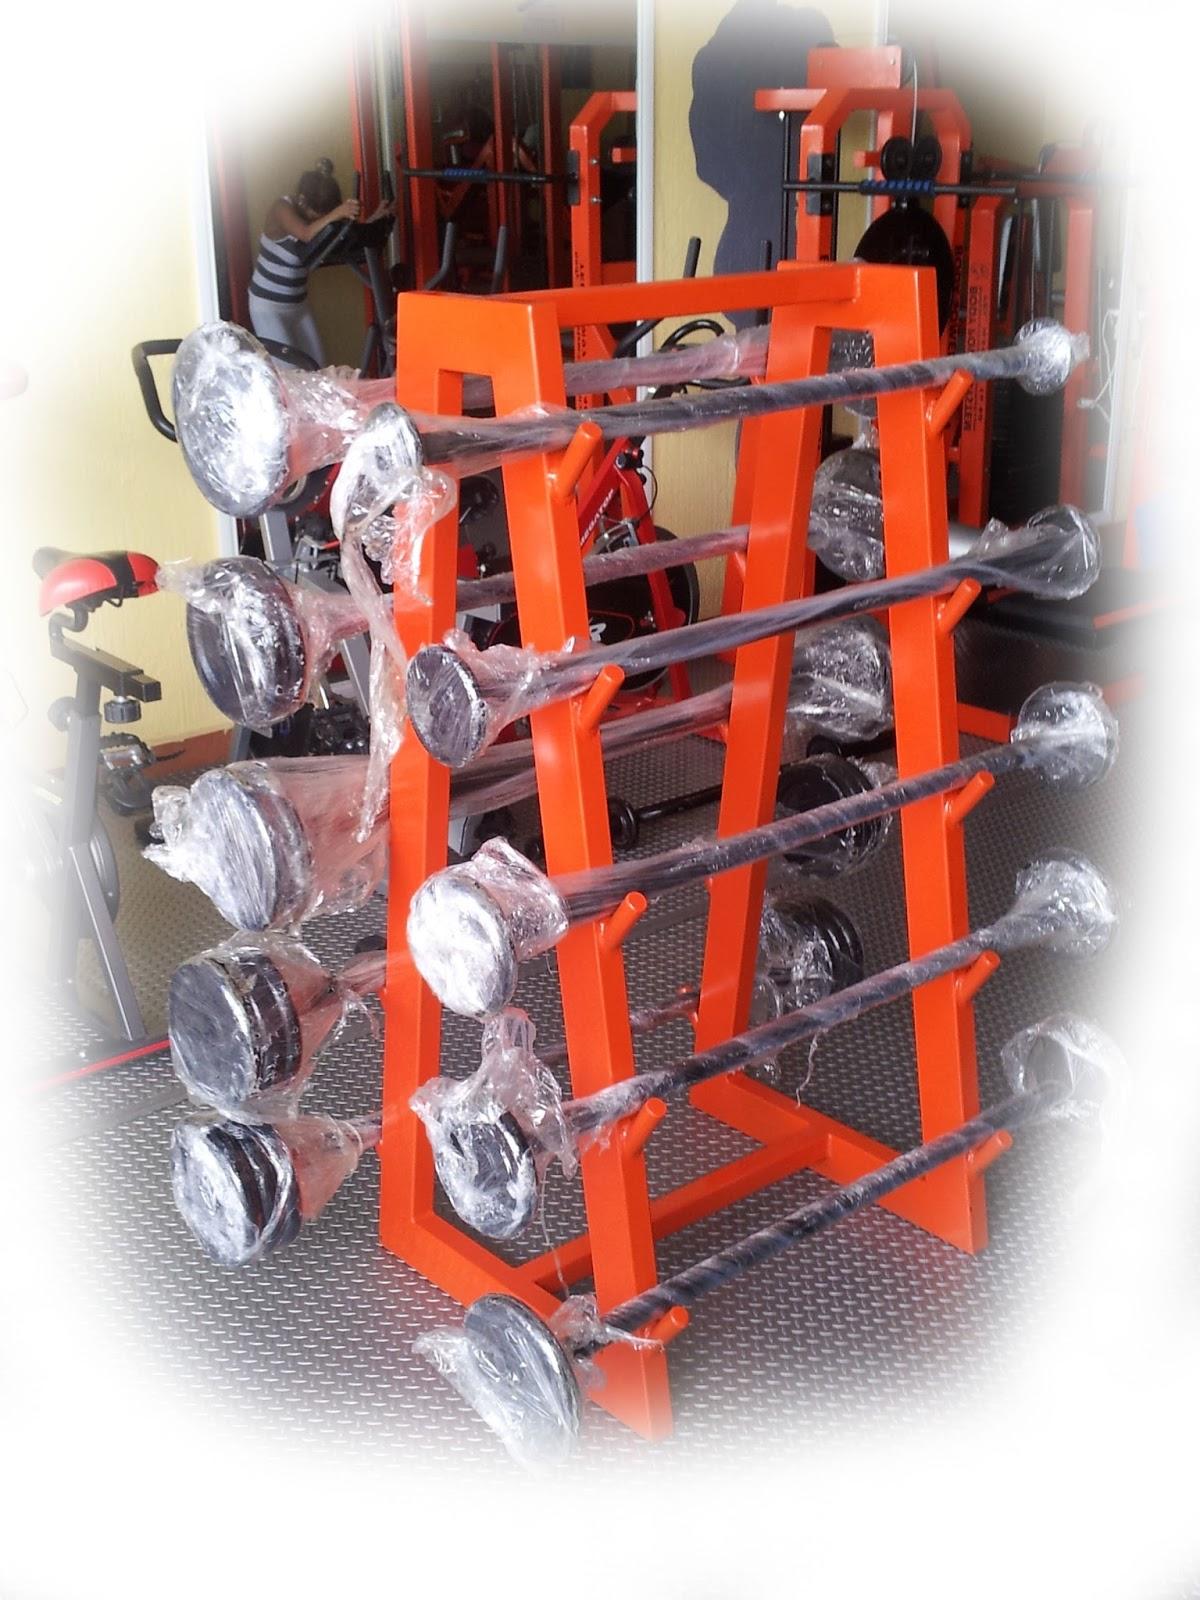 New body power system equipos de gimnasio equipos articulados aparatos de gimnasio pesas - Equipamiento de gimnasios ...